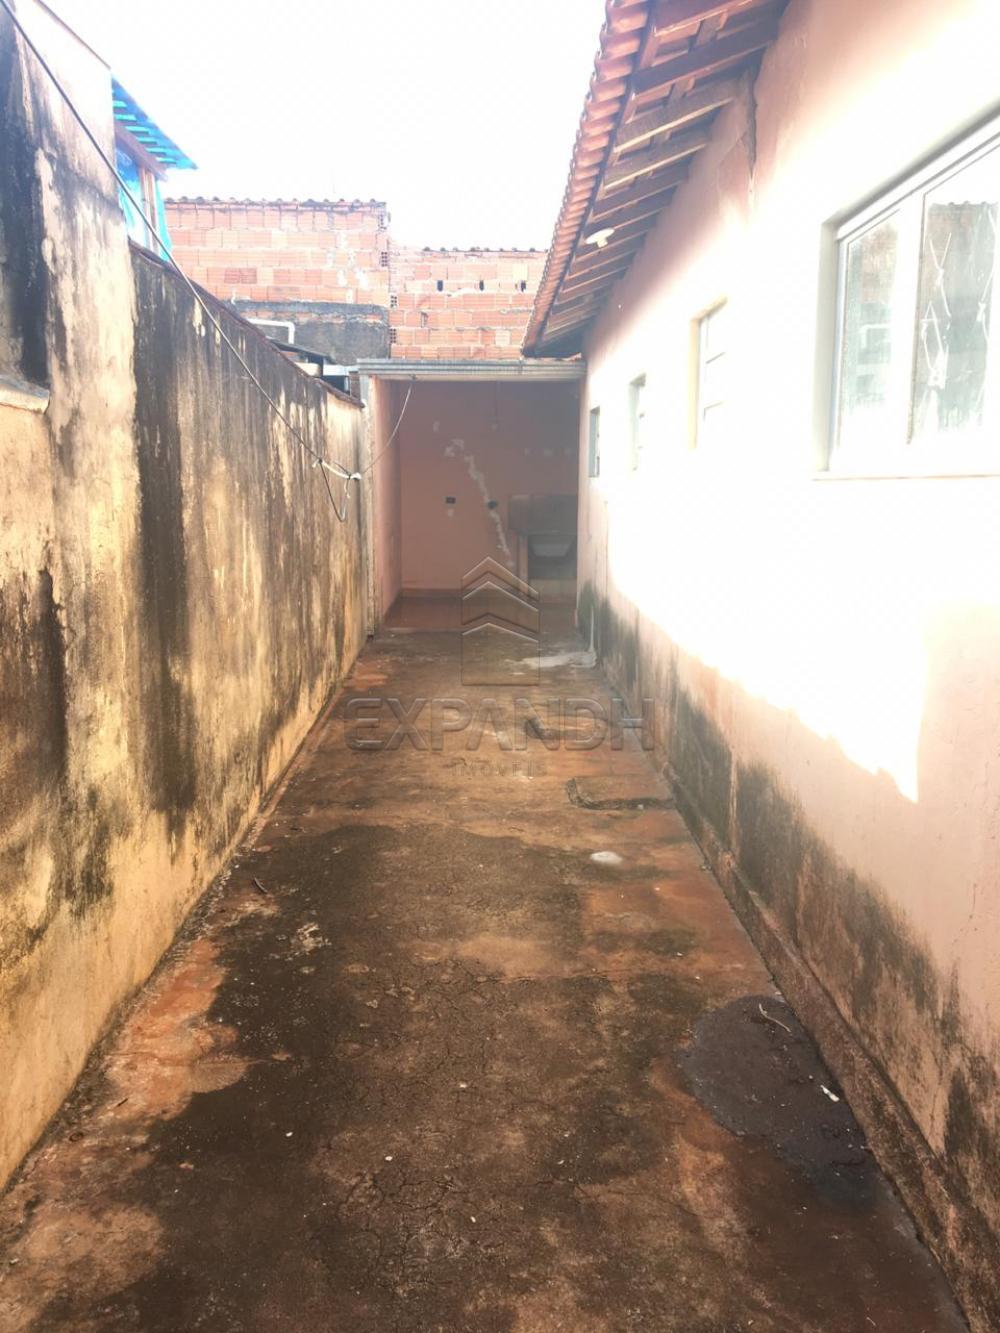 Alugar Casas / Padrão em Sertãozinho apenas R$ 900,00 - Foto 5